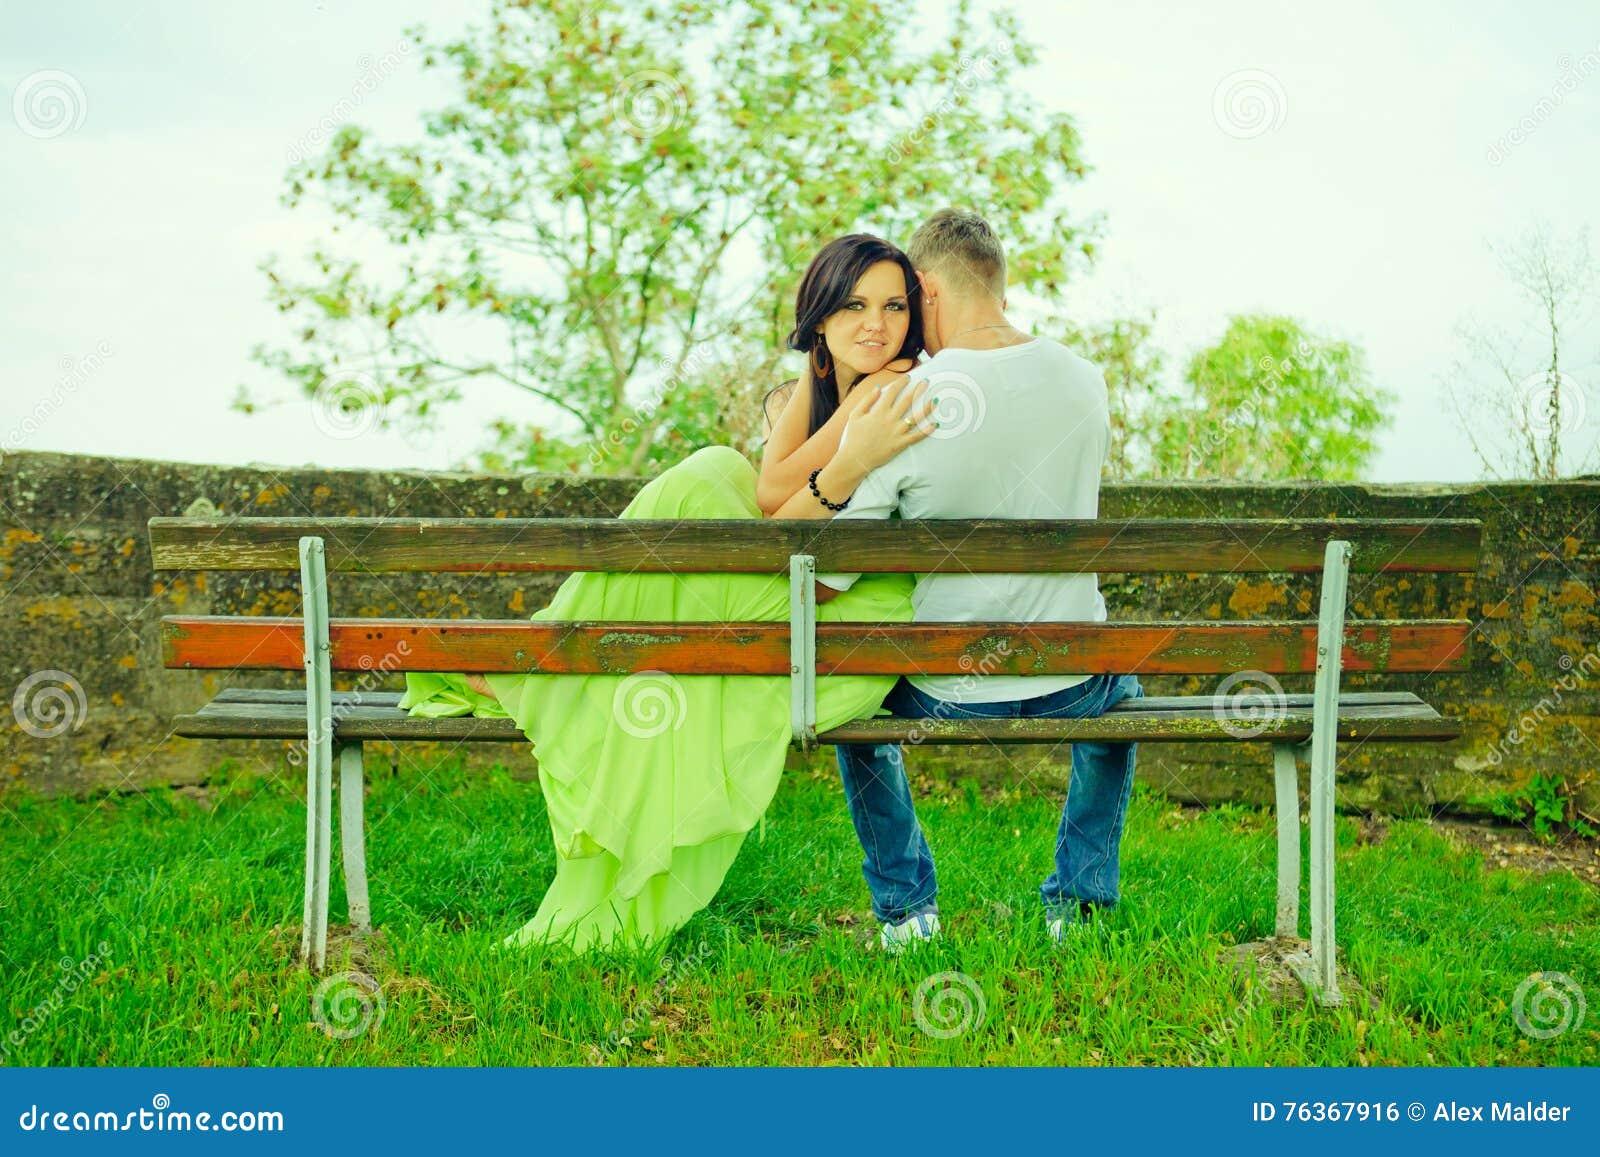 Atractivo el individuo con la muchacha se sienta y abraza en un banco